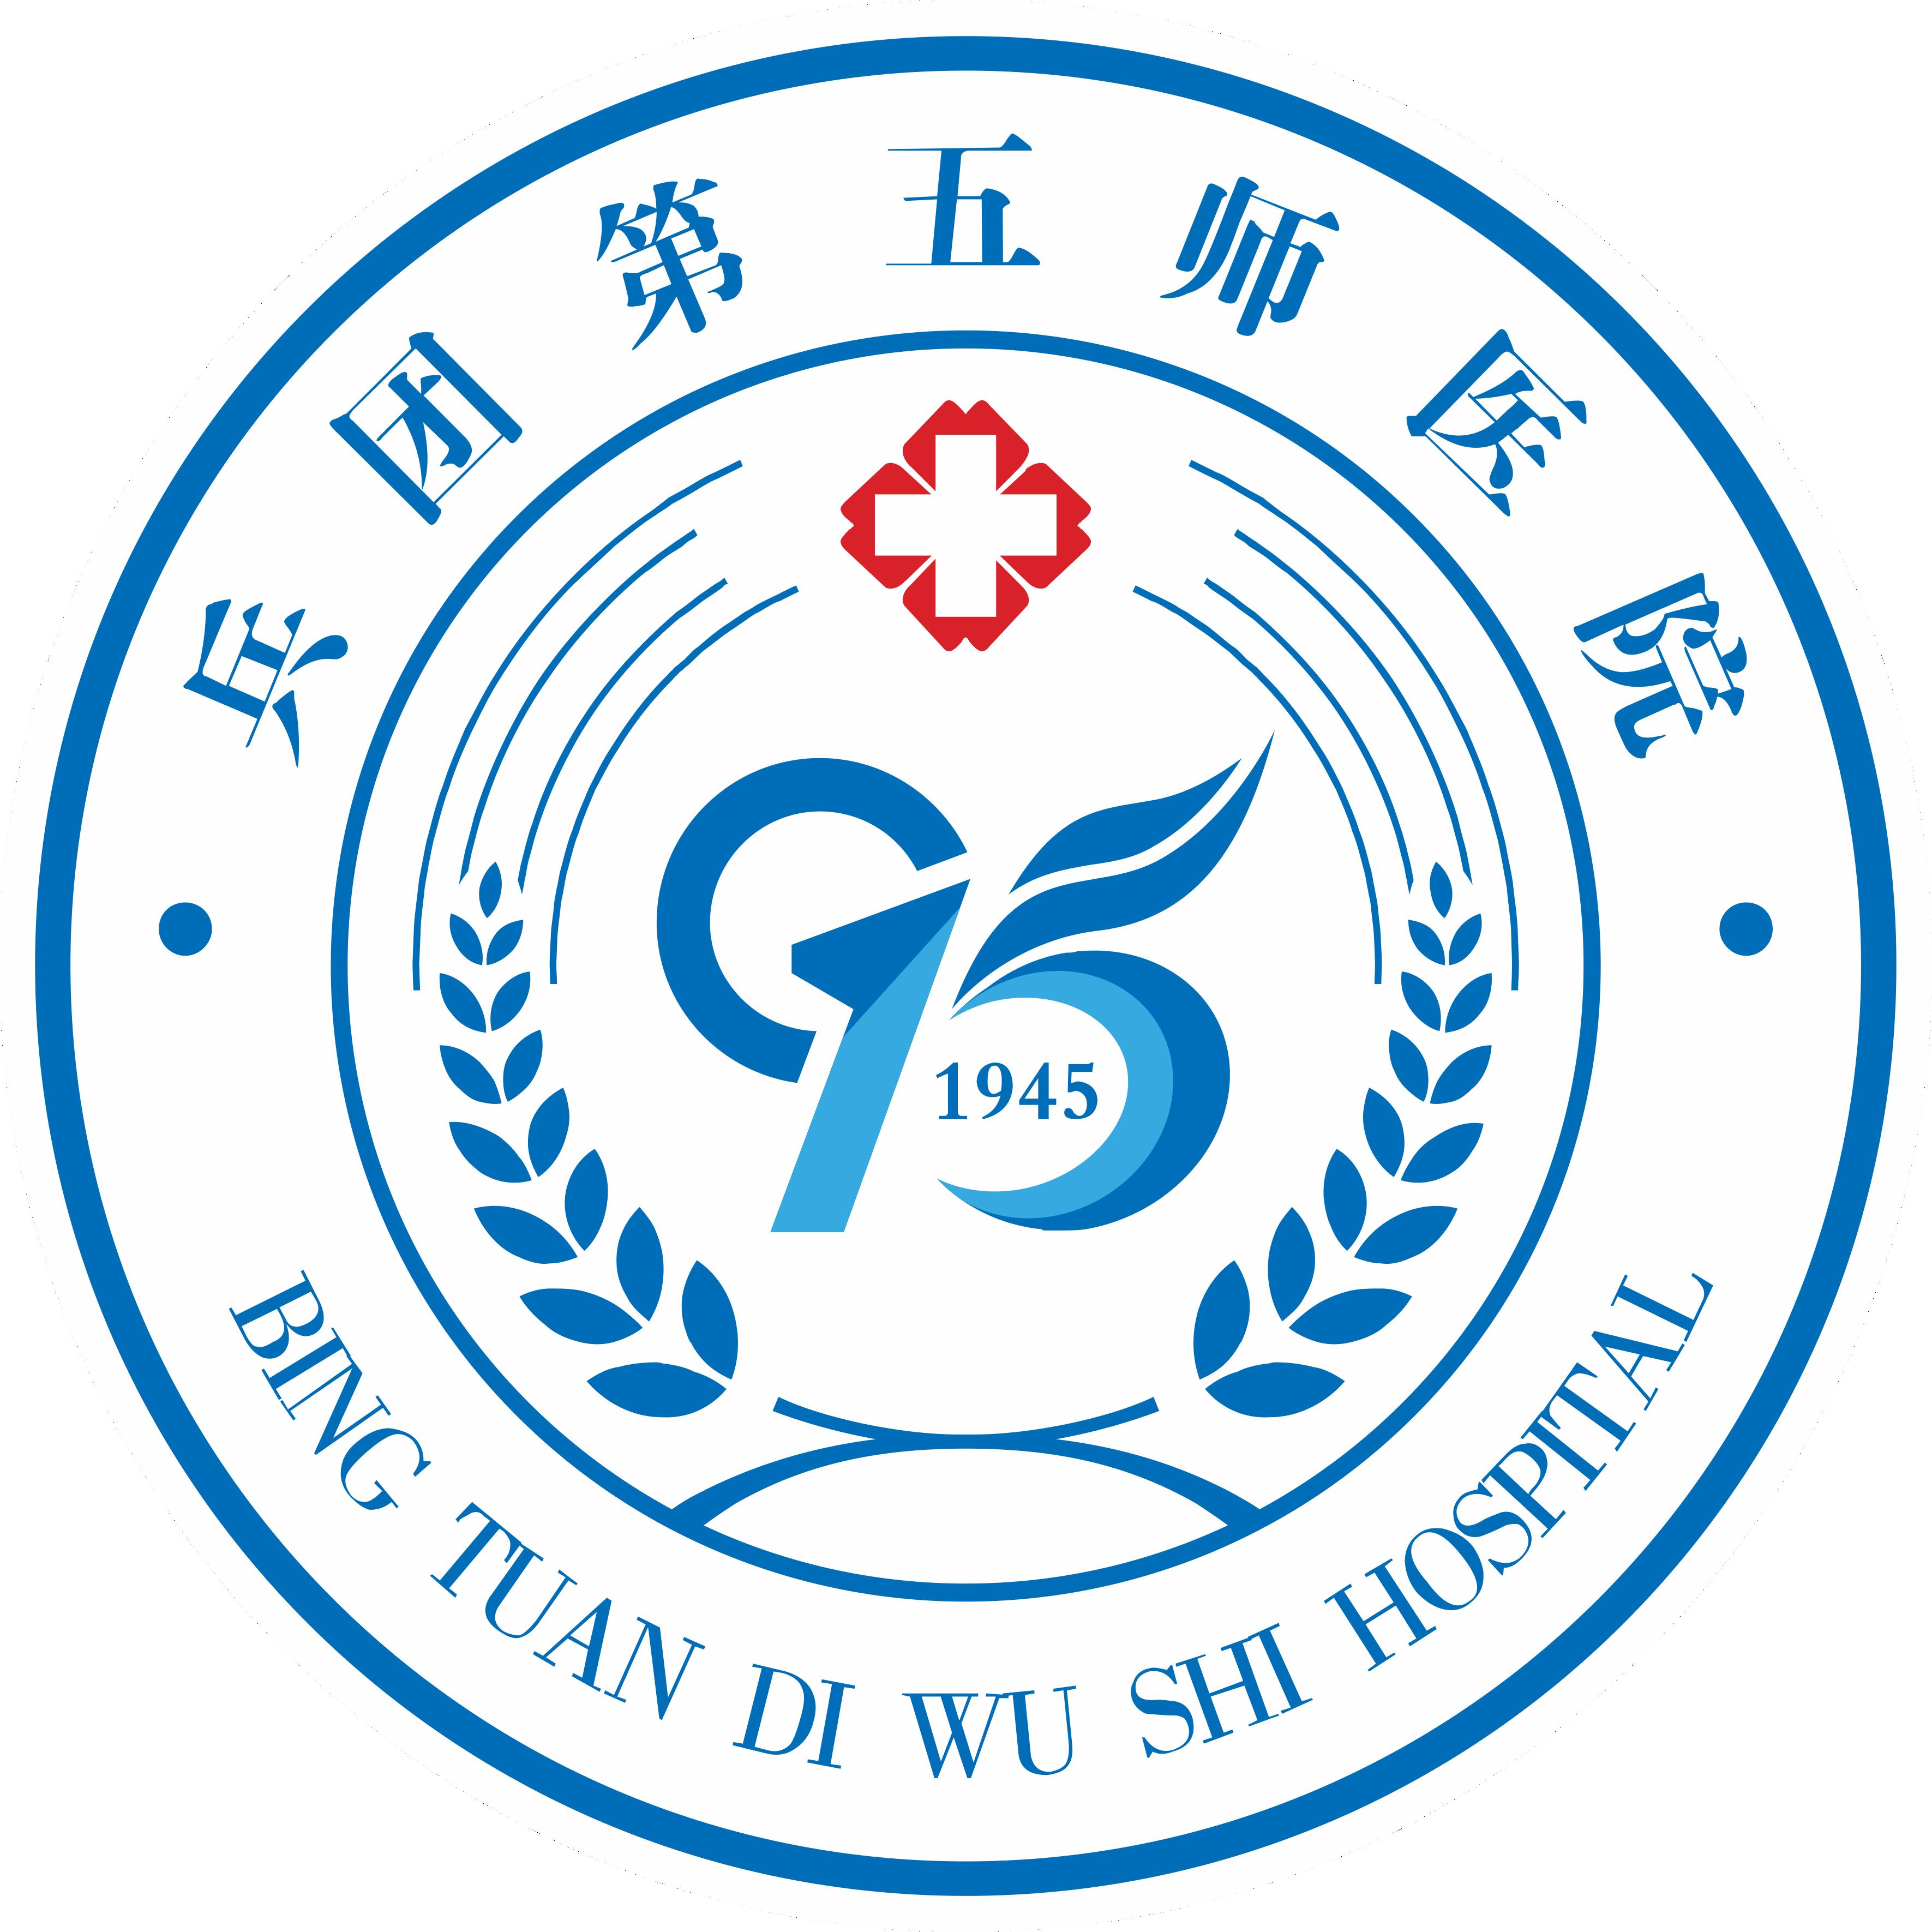 新疆生产建设兵团第五师医院